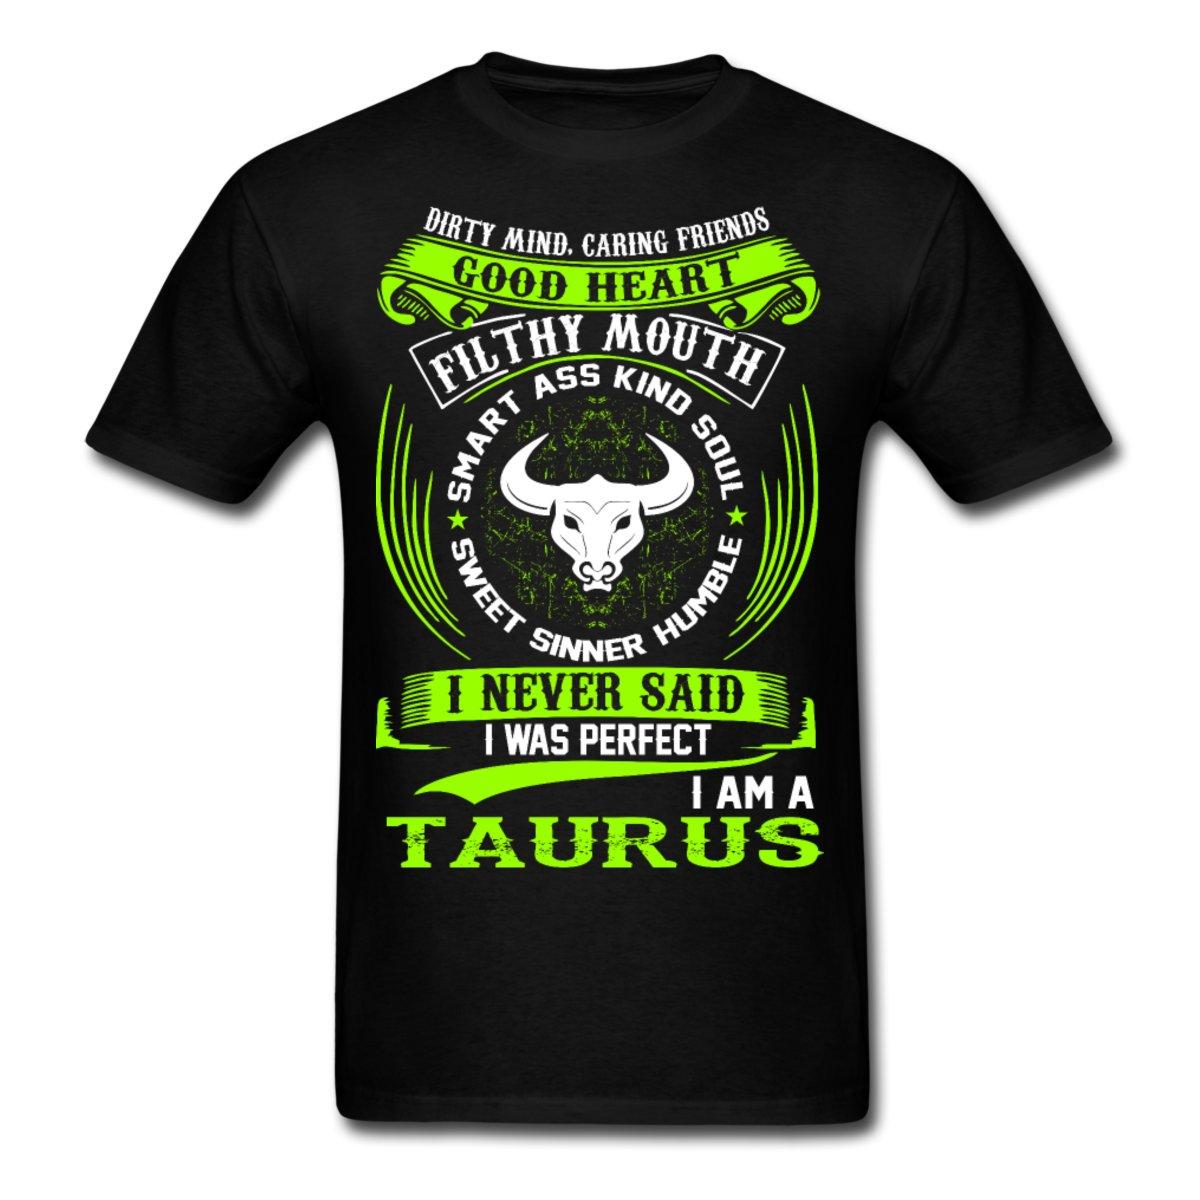 051a148fc4 Znaki Zodiaku Taurus Śmieszne Cytat Nigdy Doskonały męska Koszulka ...